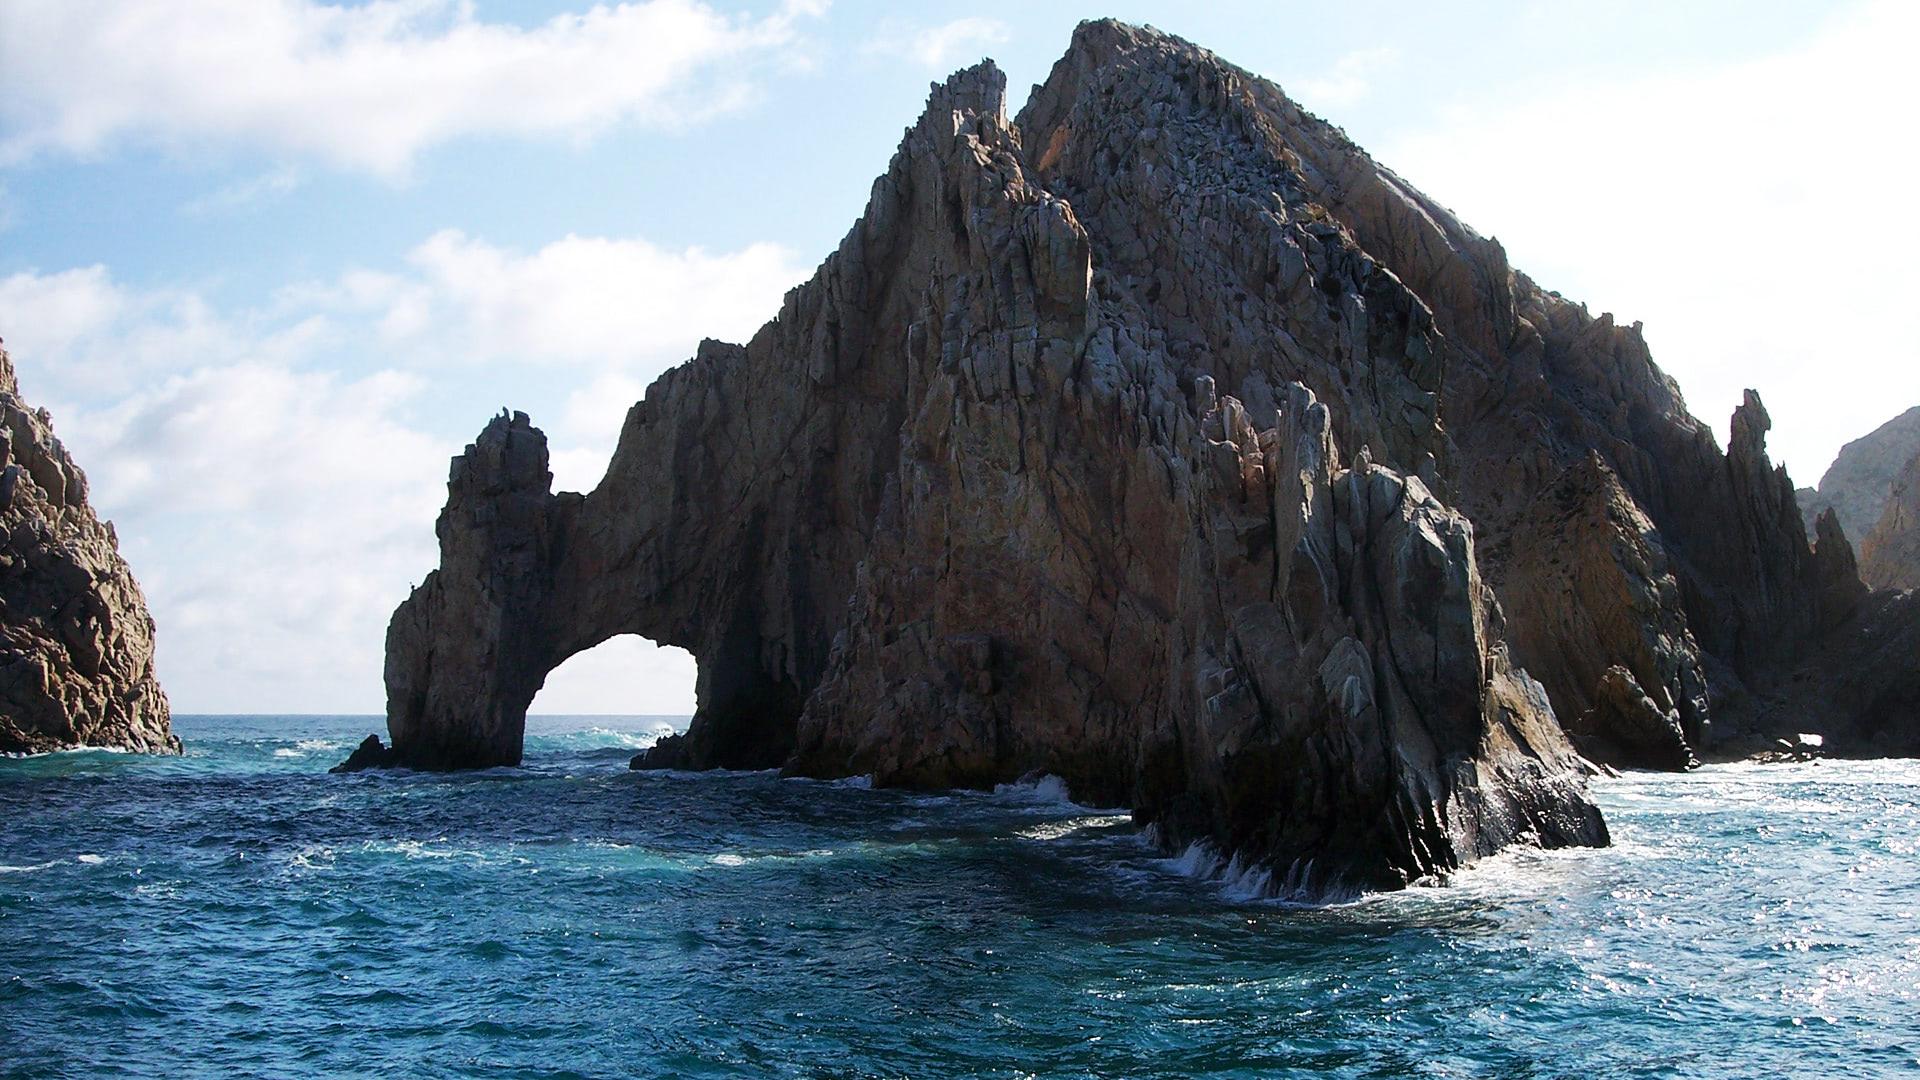 el arco de cabo san lucas wallpaper - beach wallpapers